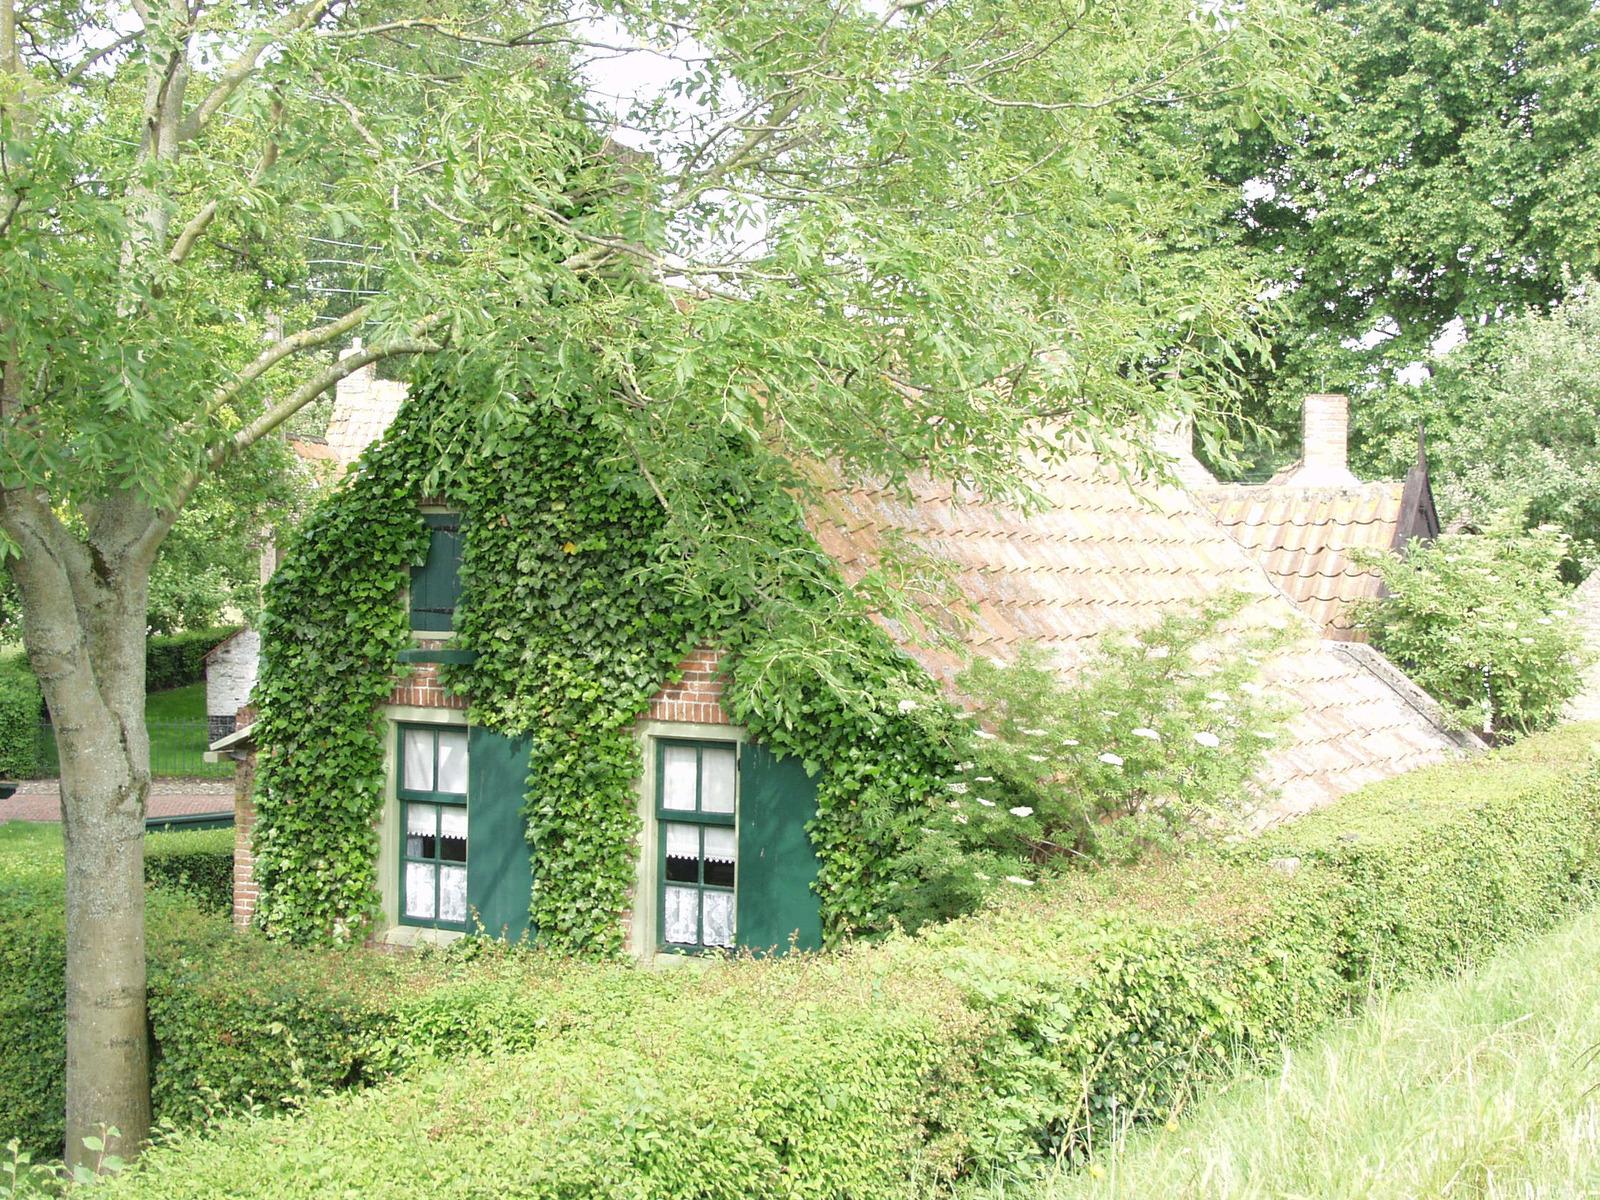 Woonhuis Hille Wagenaar